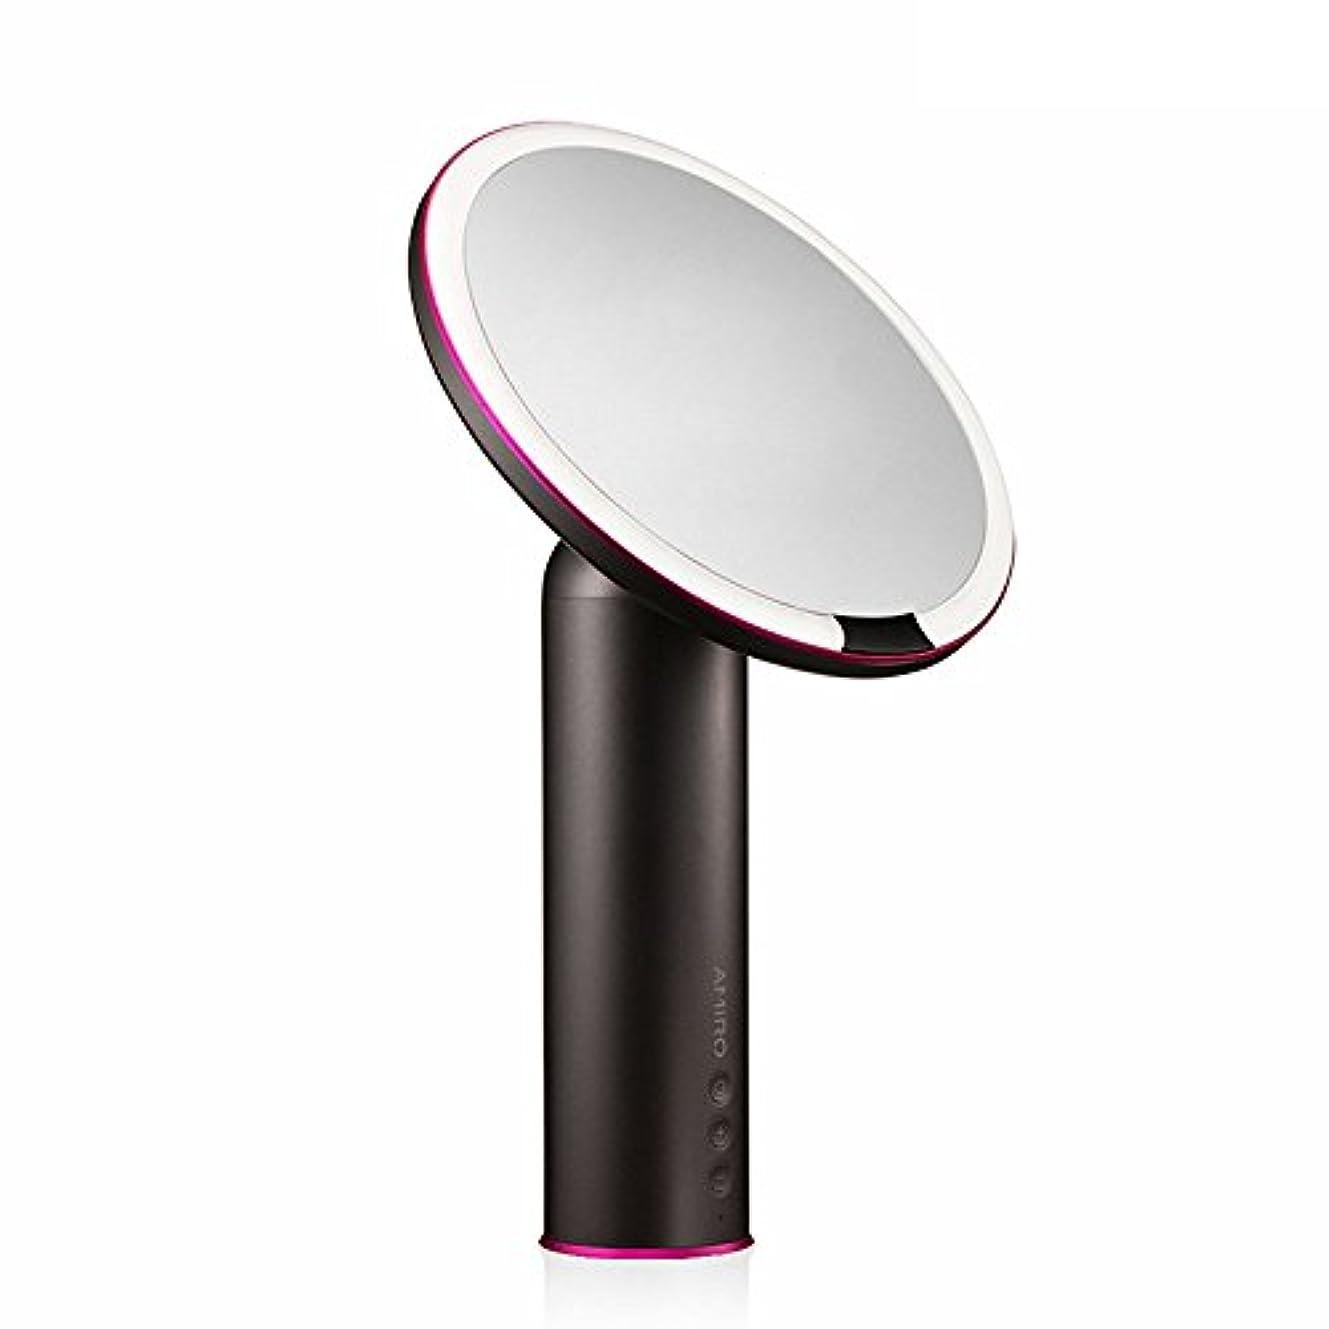 ペネロペ更新幸福AMIRO LED化粧鏡 人感センサー付き 化粧ミラー LEDライト付き 卓上鏡 女優ミラー 3段階明るさ調節可能 コードレス 充電式